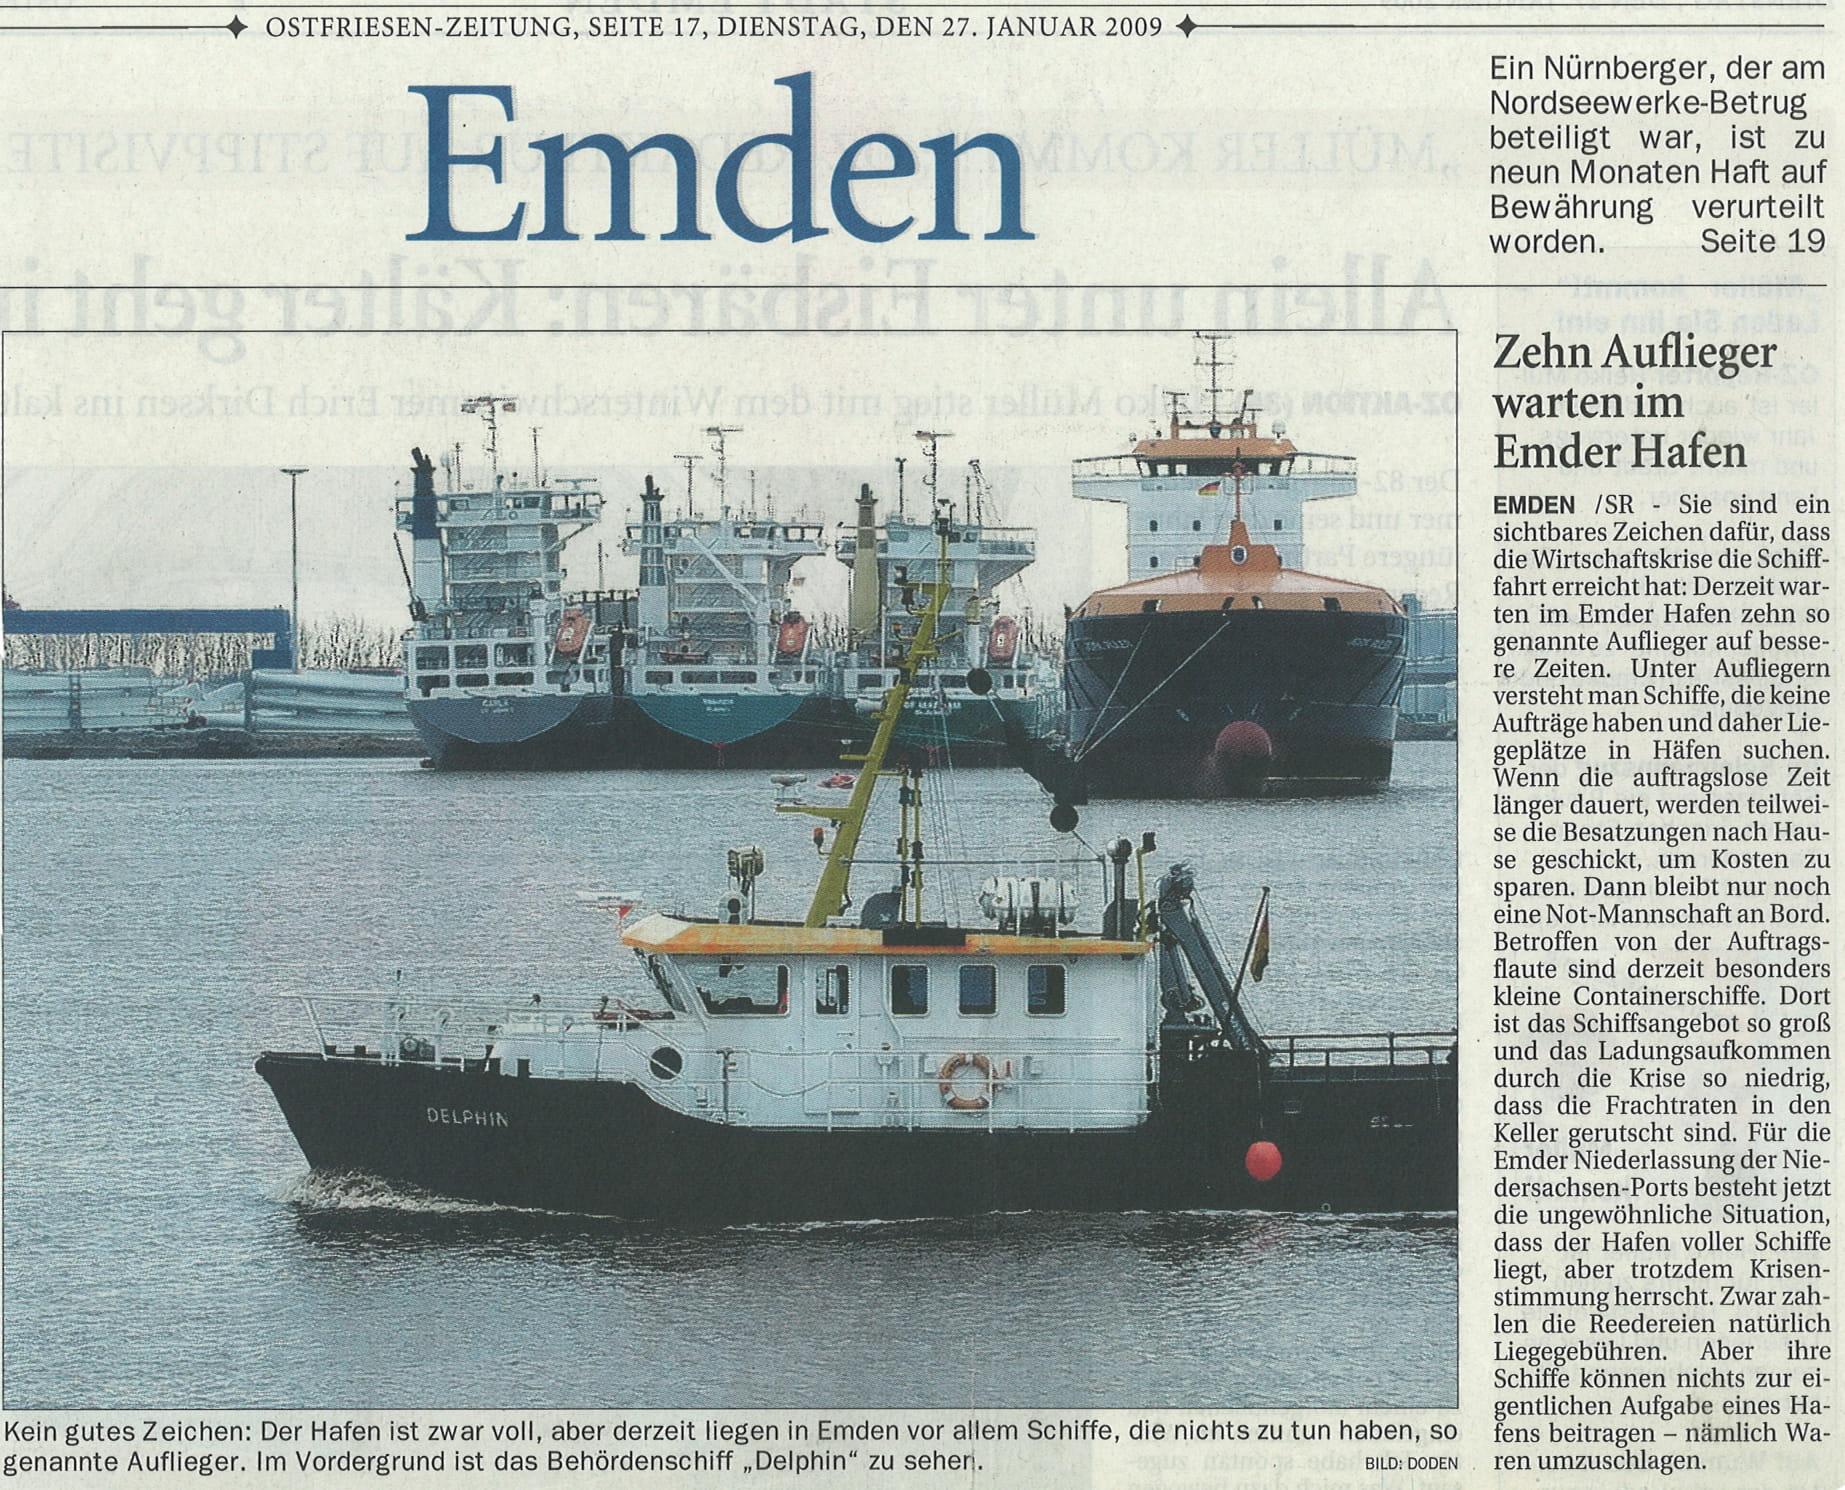 Ostfriesenzeitung 27.01.2009